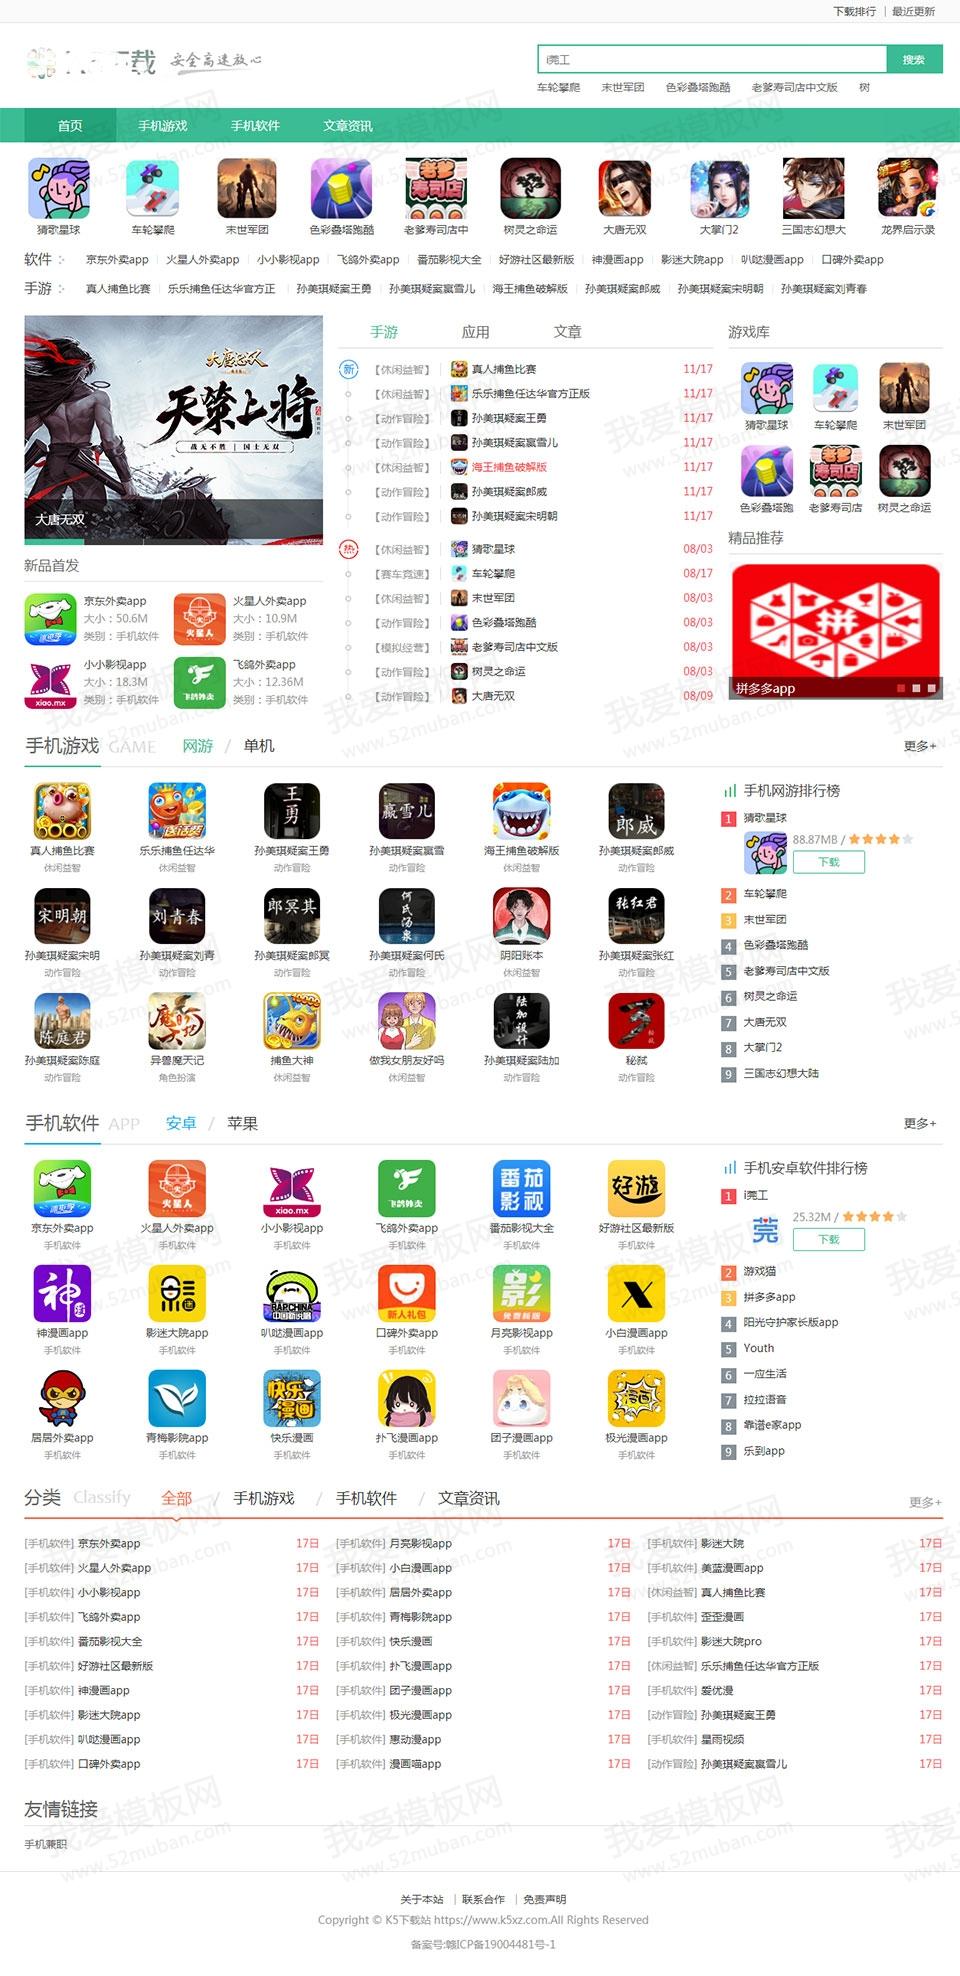 仿《QQ下载站》手机游戏应用软件下载站+数据采集 帝国cms7.5内核